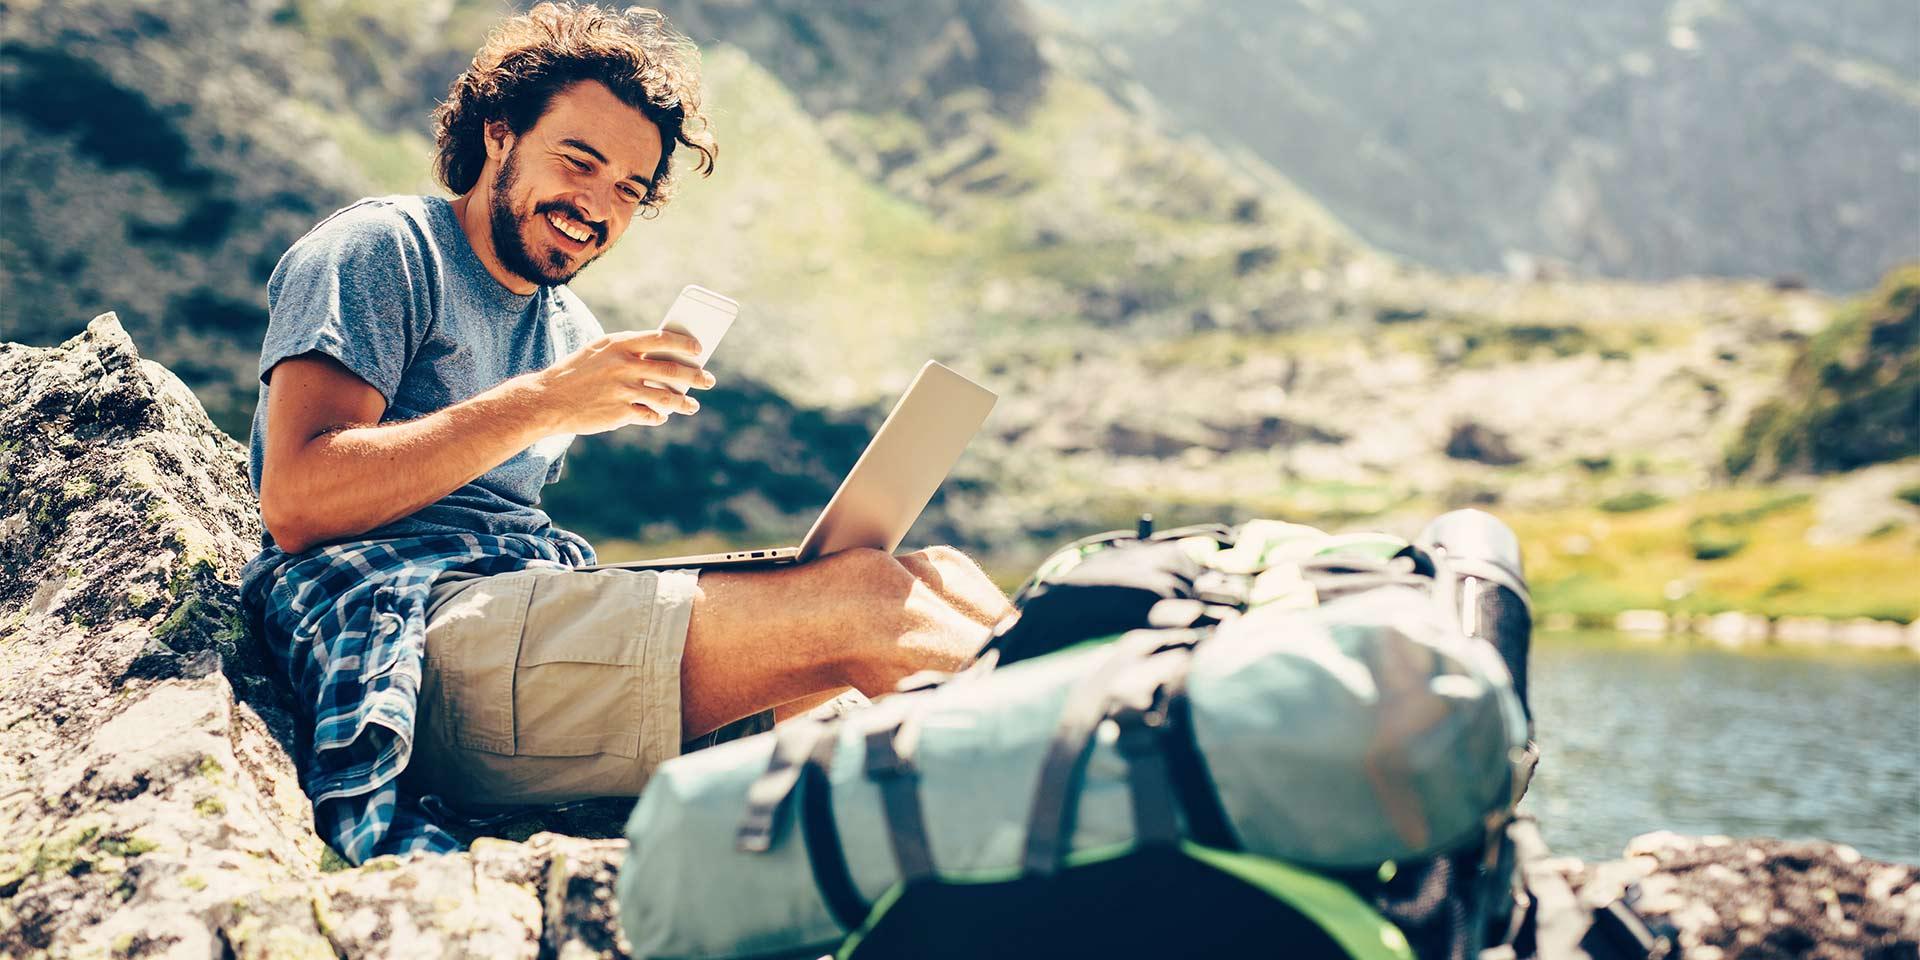 Junger Wanderer mit Smartphone und Laptop in der Natur